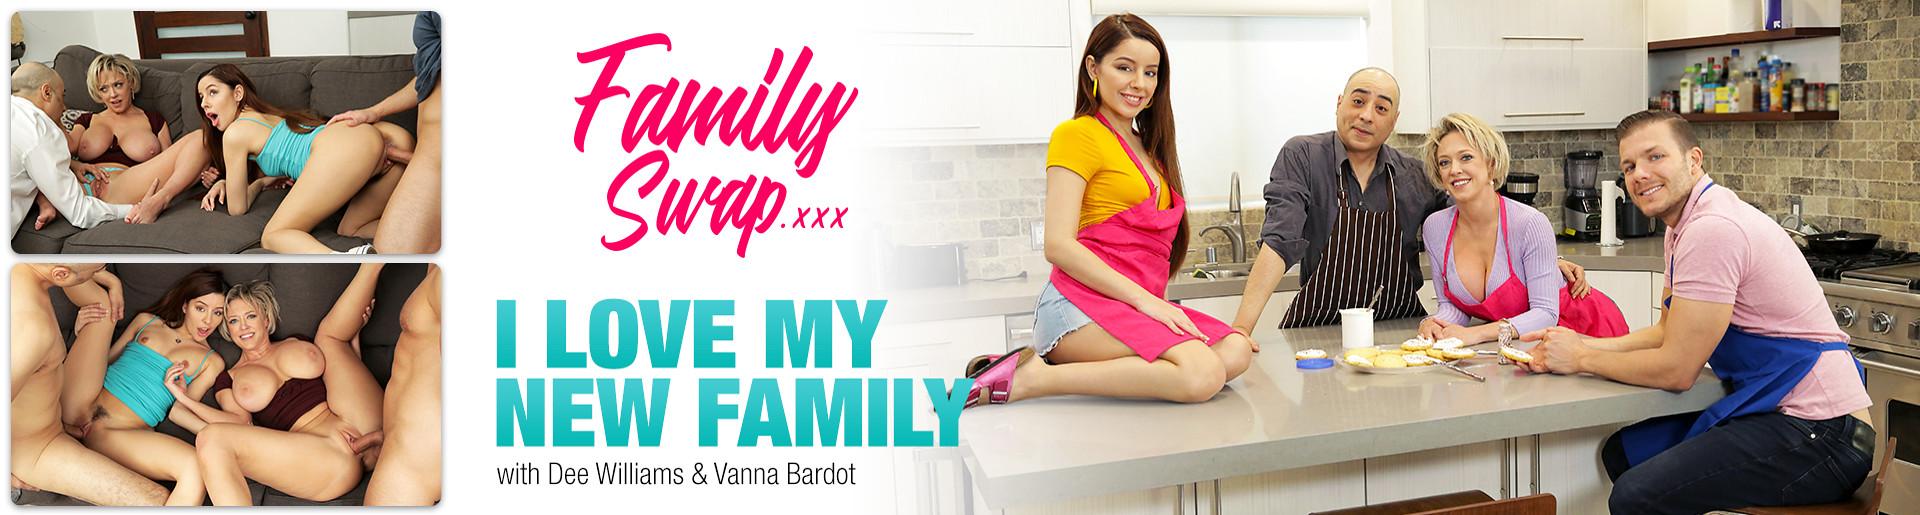 FamilySwapXXX I love My New Family - Dee Williams - Vanna Bardot